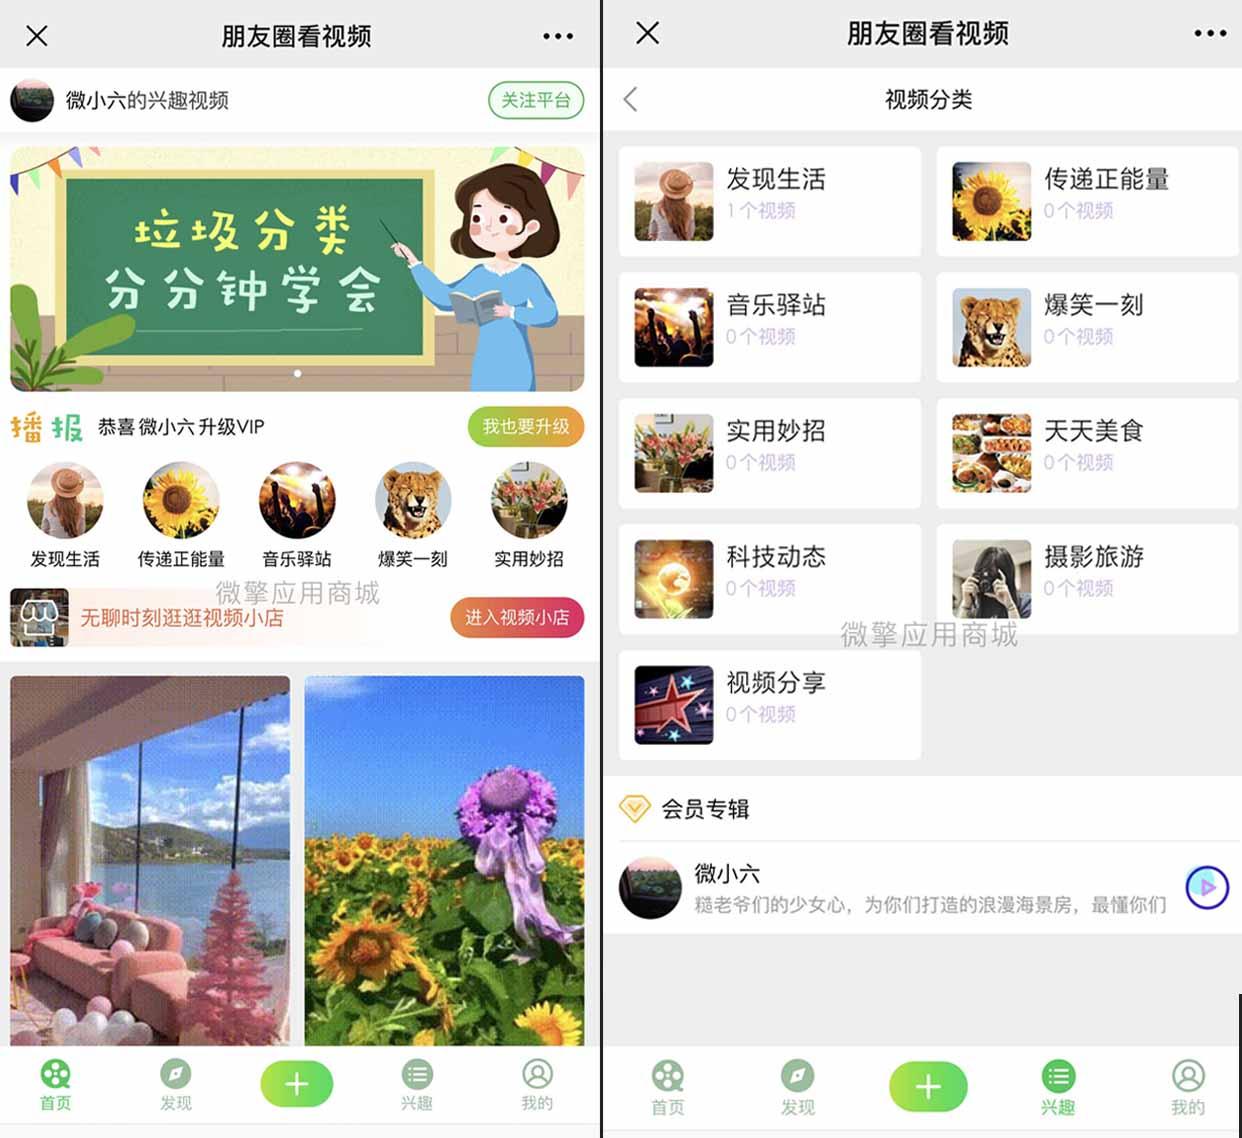 【功能模块】朋友圈看视频v1.0.15公众号源码